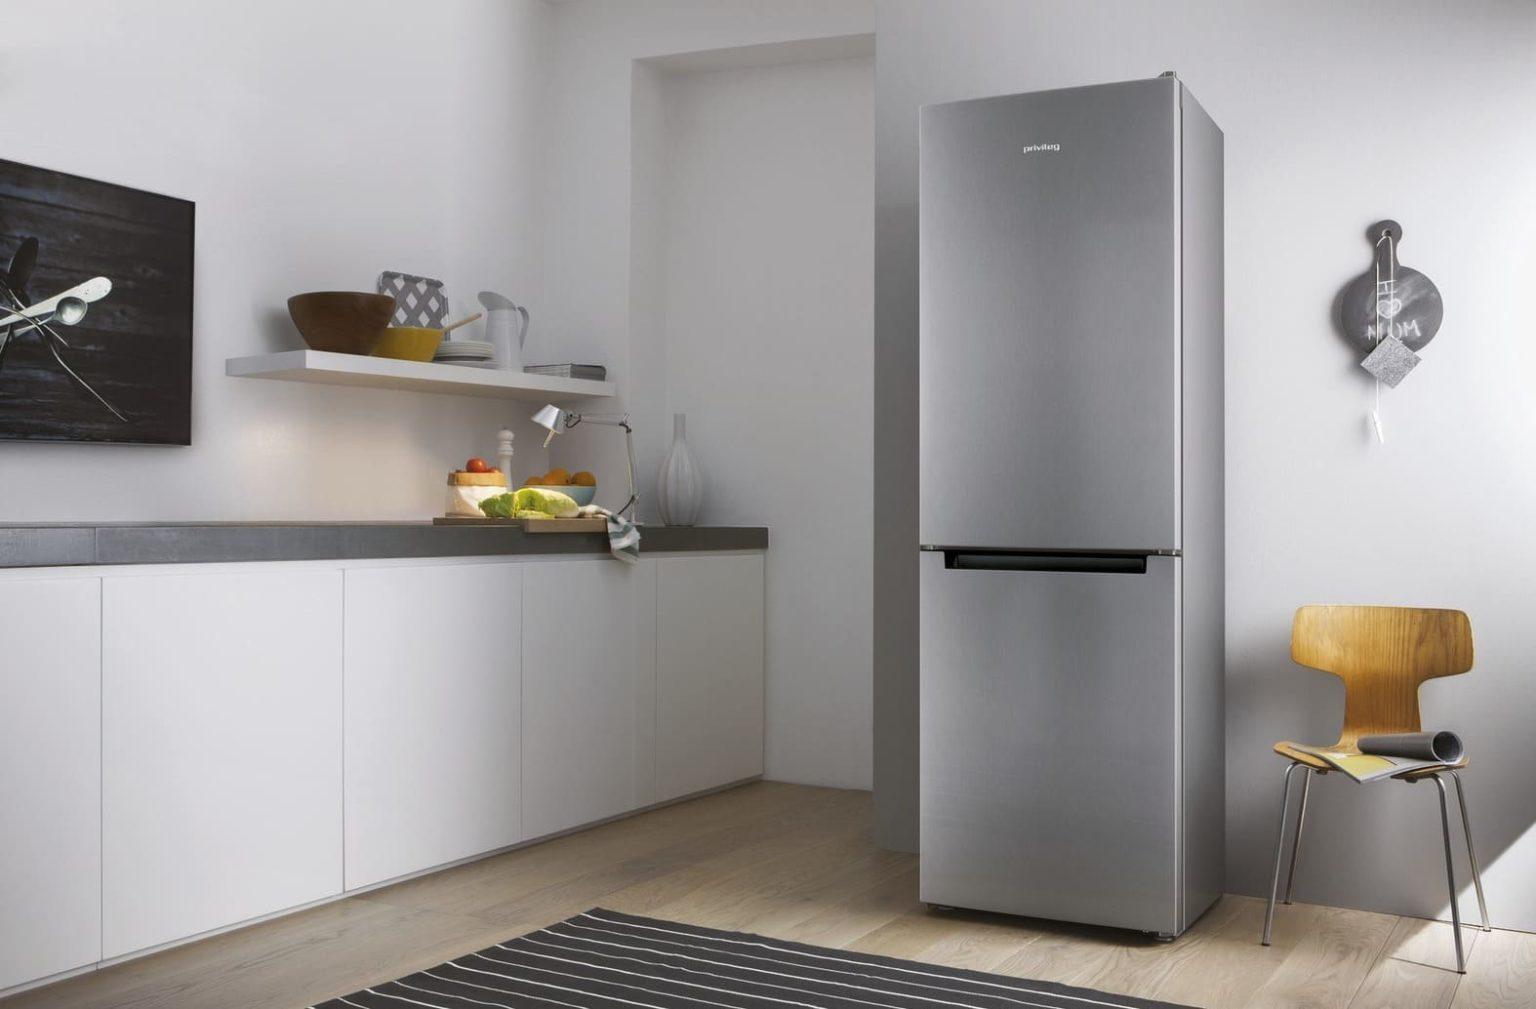 Рейтинг лучших холодильников от 30000 до 40000 рублей 2019 года (топ 10)